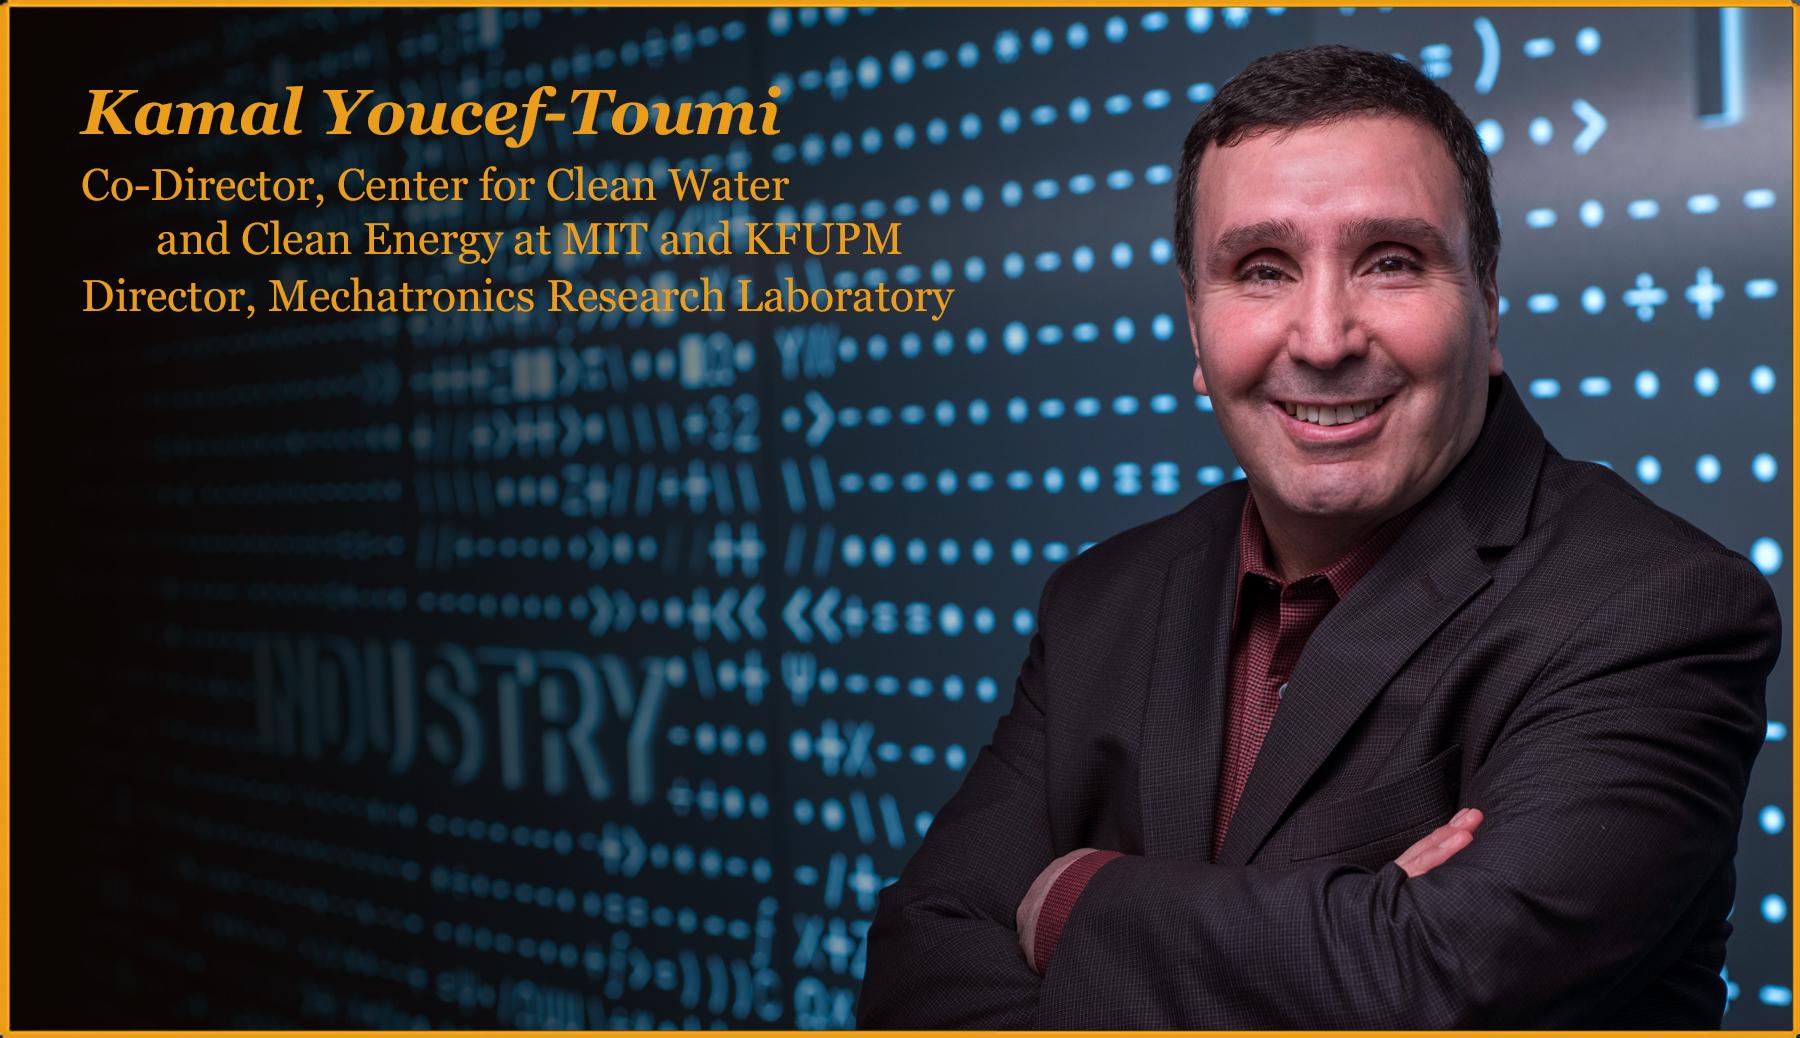 Prof. Kamal Youcef-Toumi